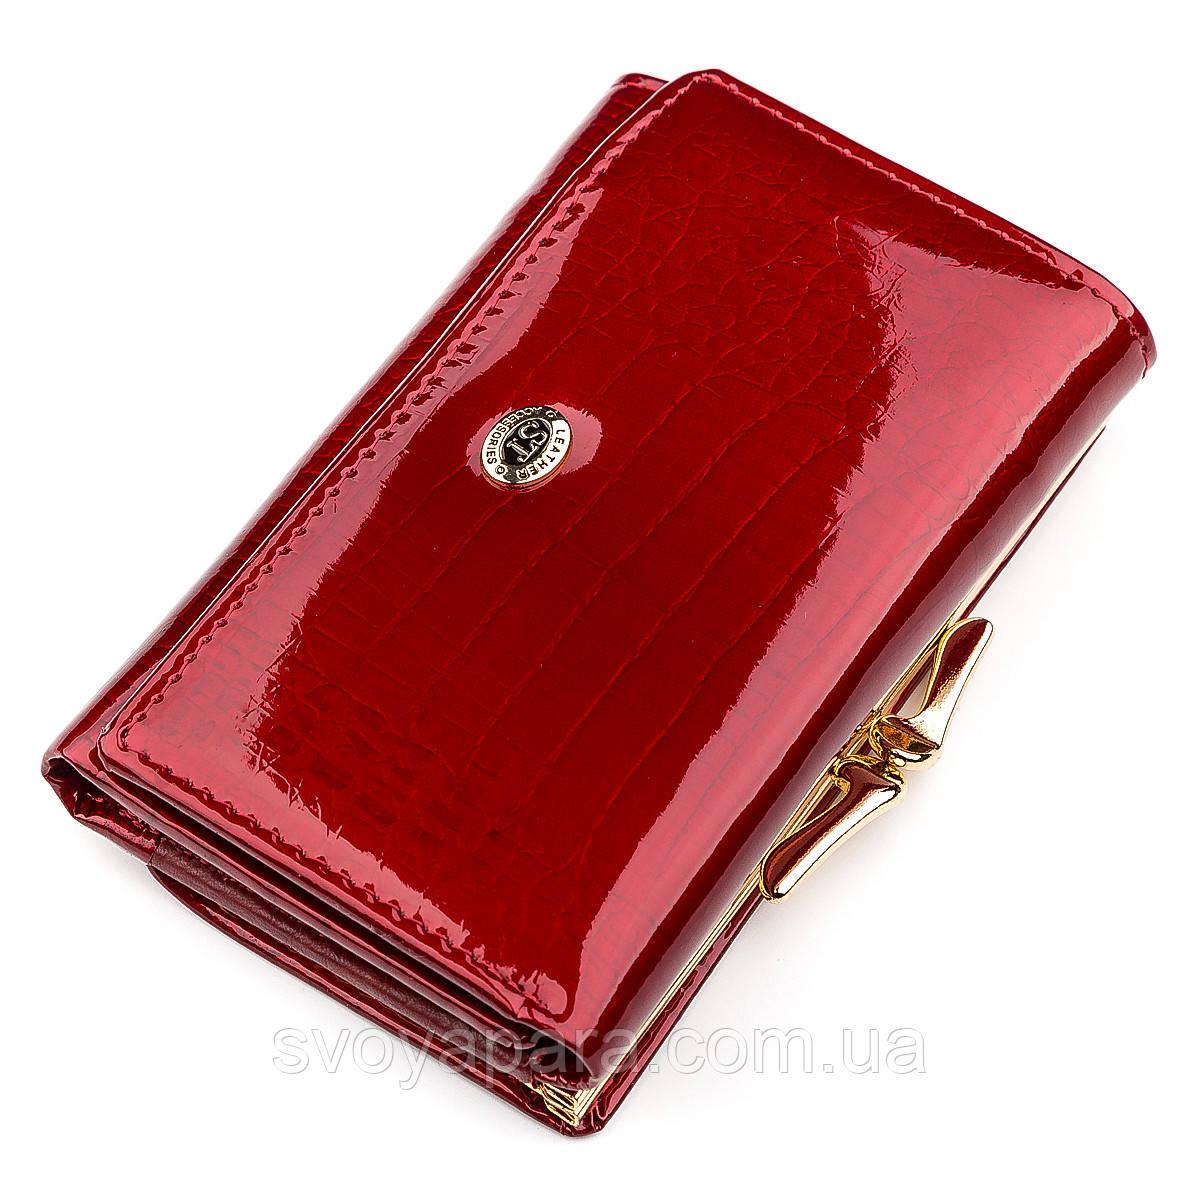 Гаманець жіночий ST Leather 18374 (S1201A) дуже красивий Червоний